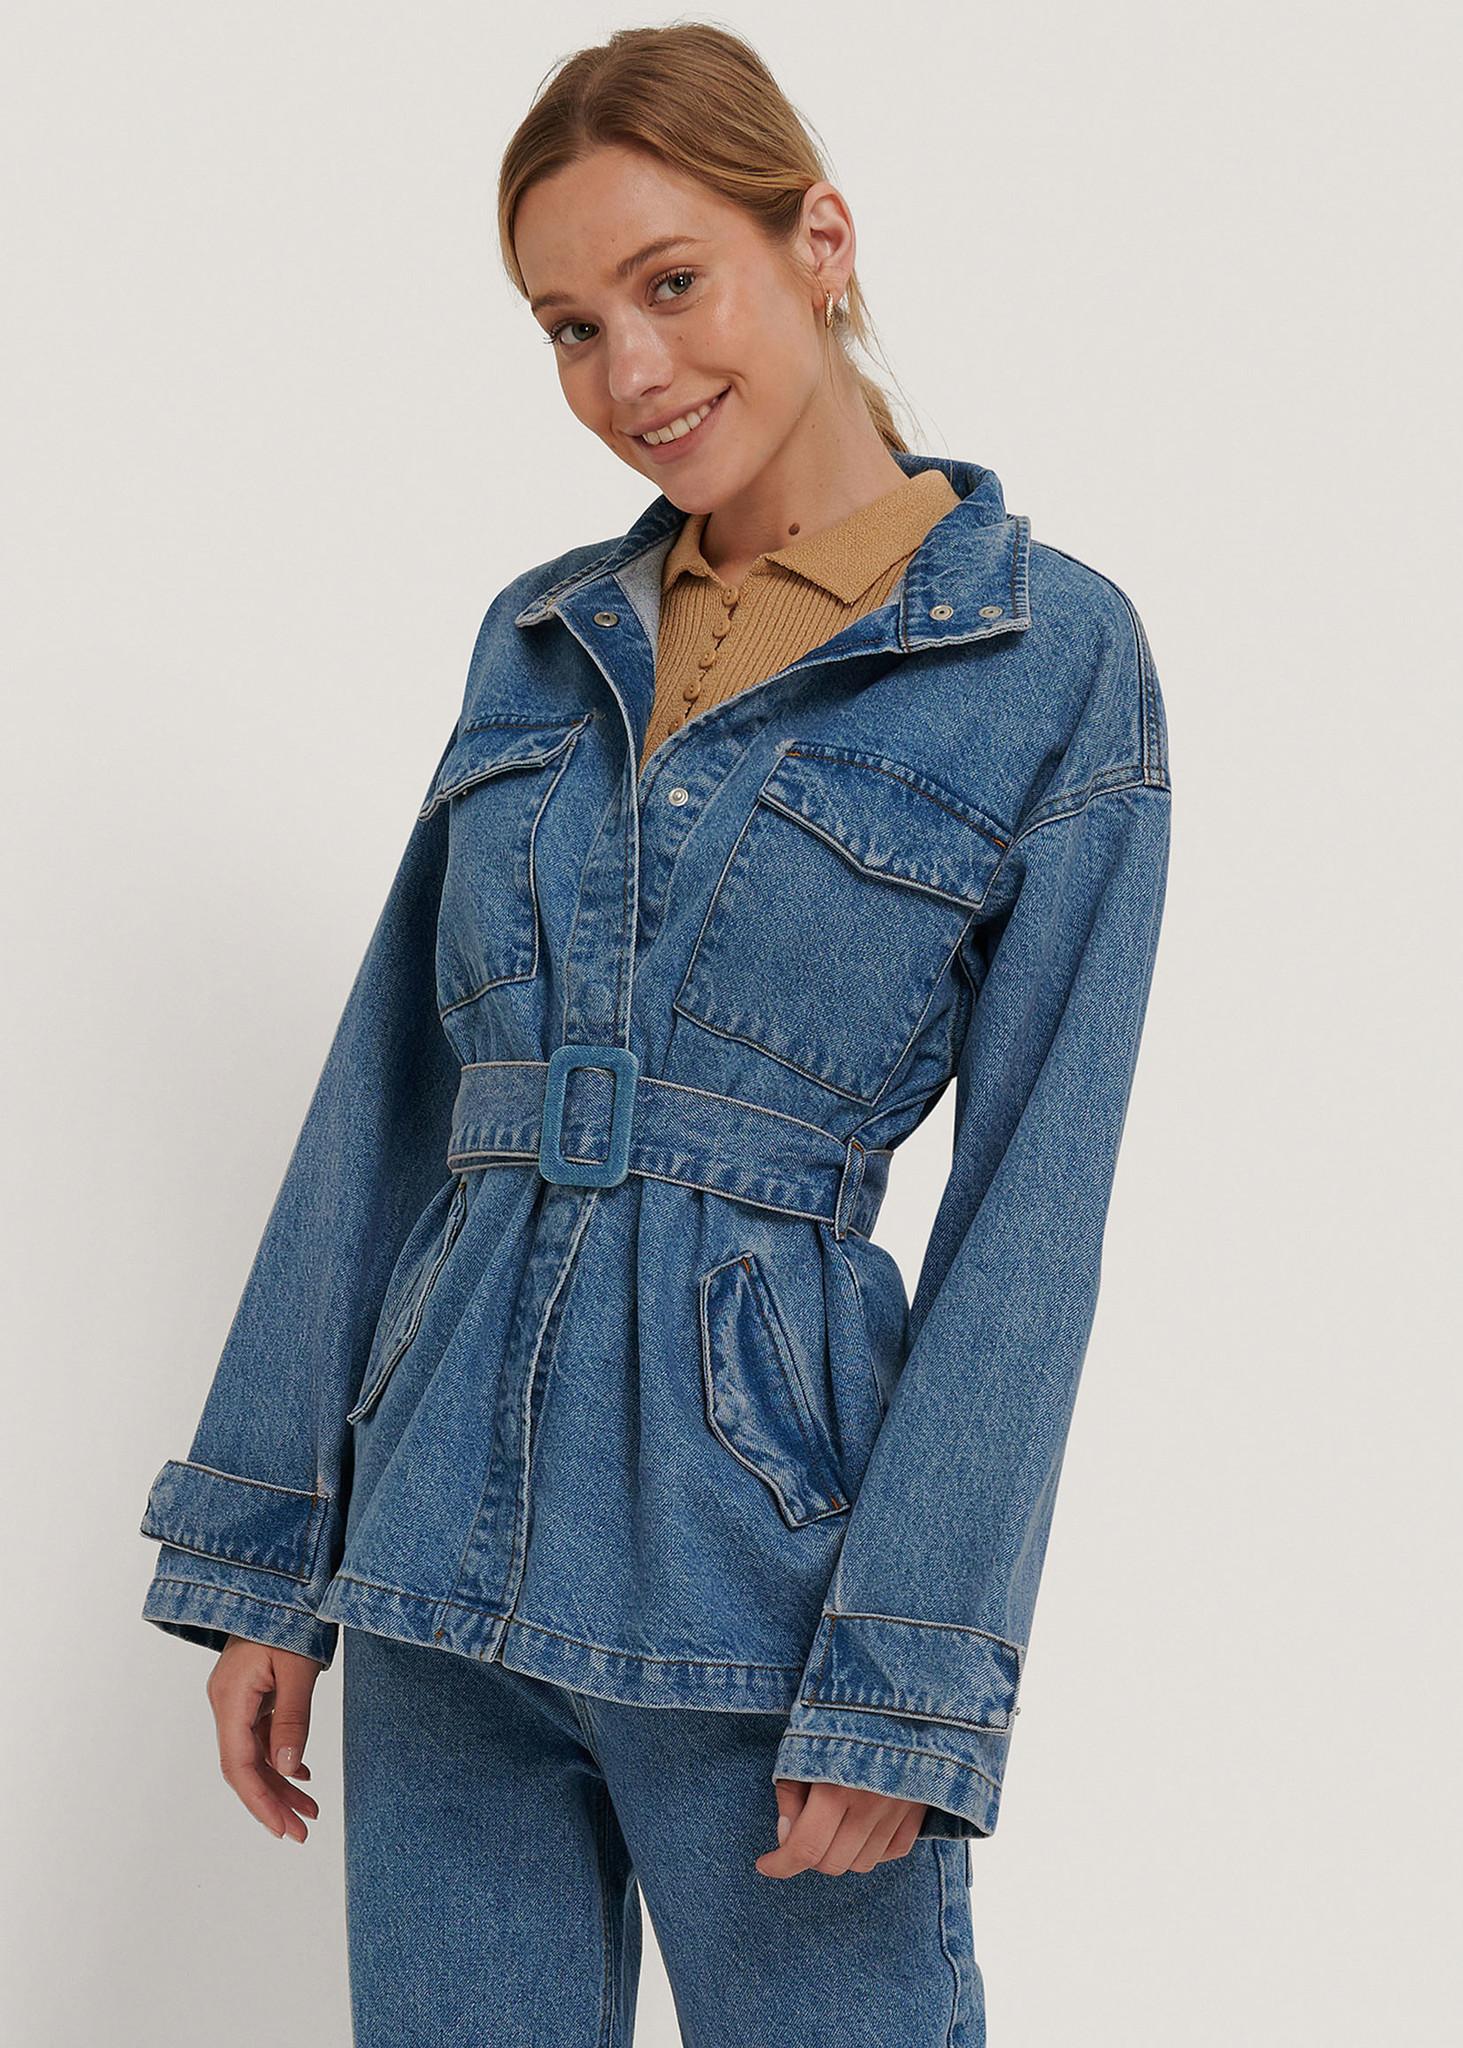 Belted Oversized Denim Jacket-1